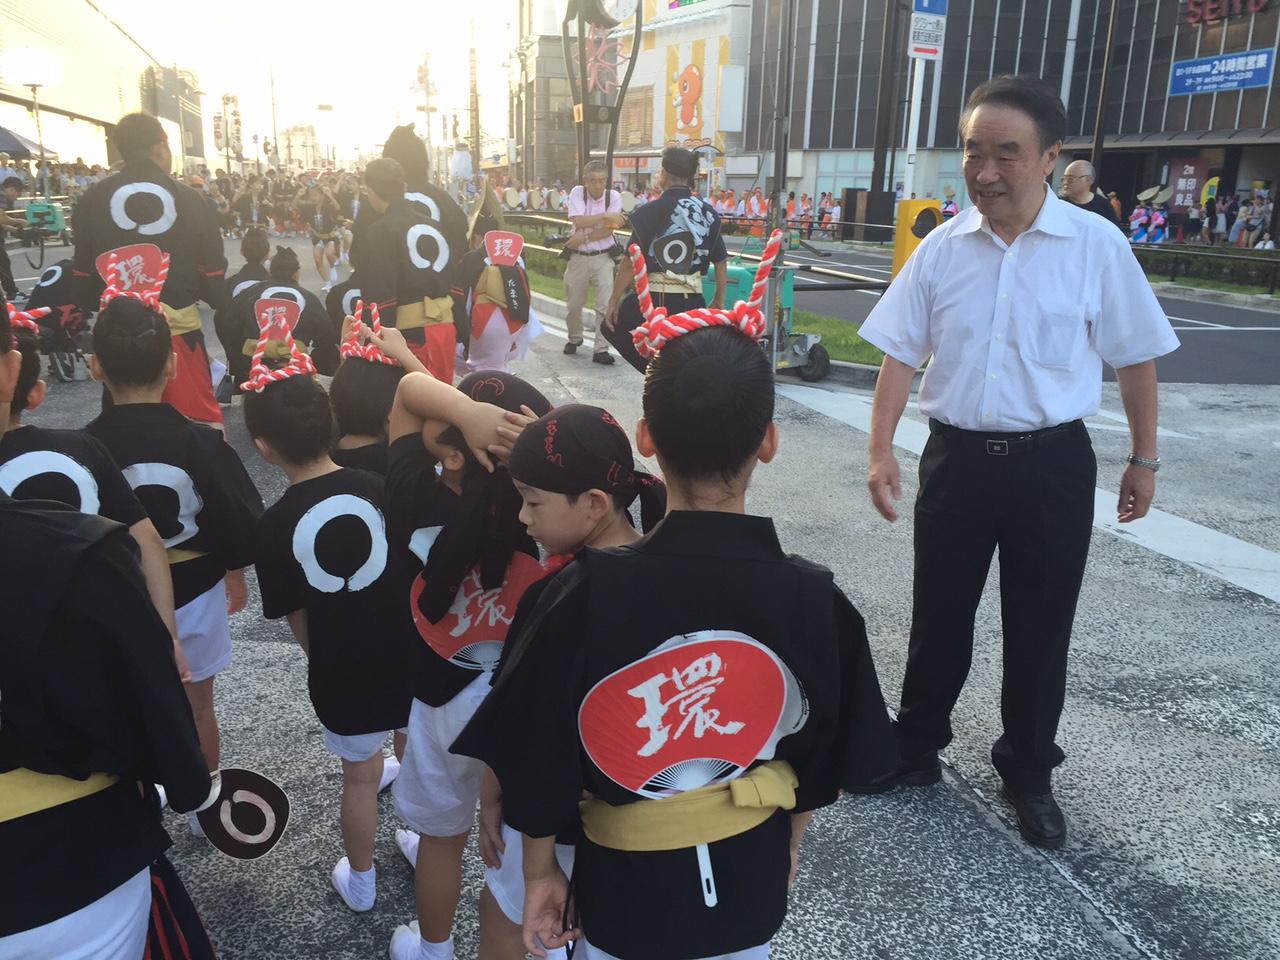 「小金井阿波踊り、都道小金井街道を通行止めしての一大イベント-広場計画に消極的だった菅直人代議士を思い出した」の画像